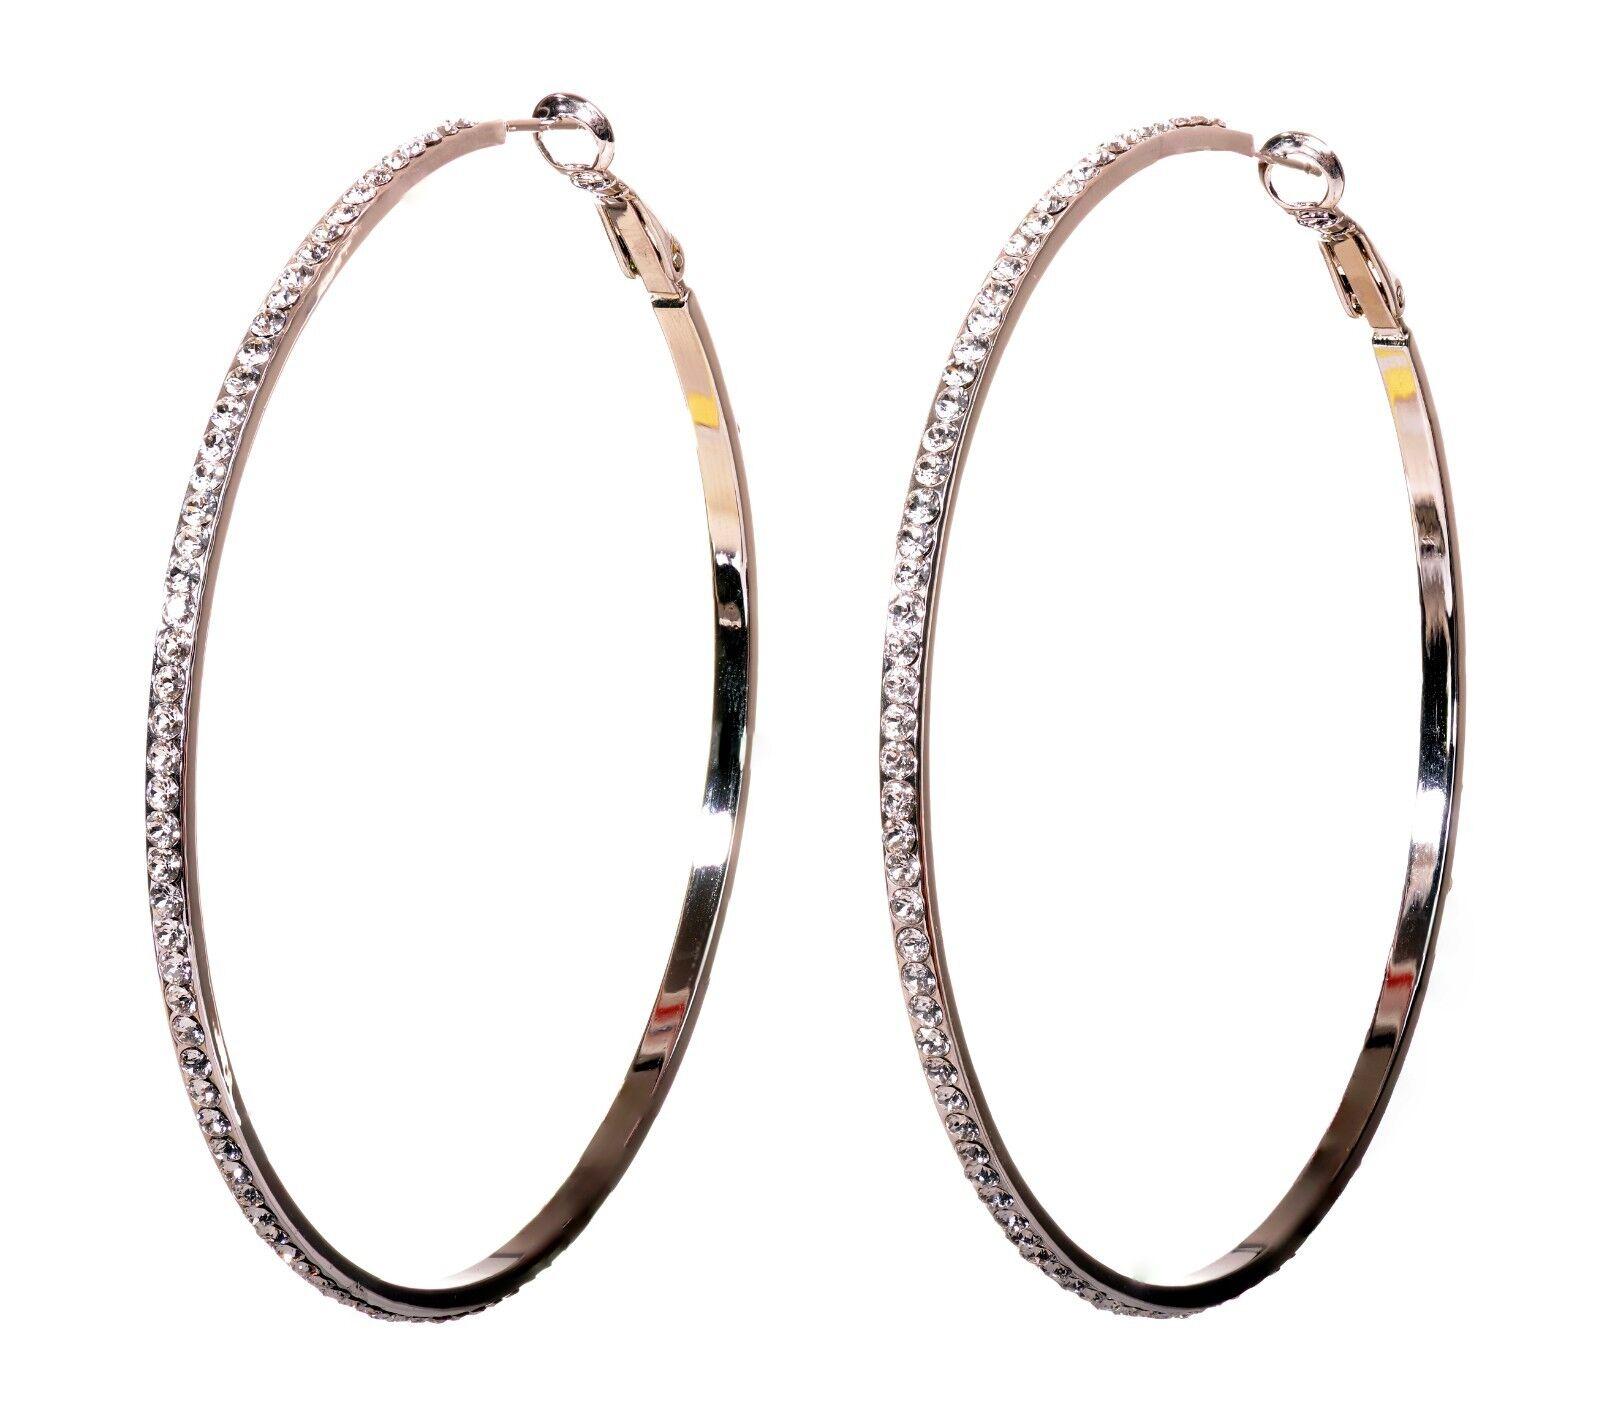 Swarovski Elements Crystal 2 3 4  Somerset Hoop Earrings Rhodium Authentic 7983z